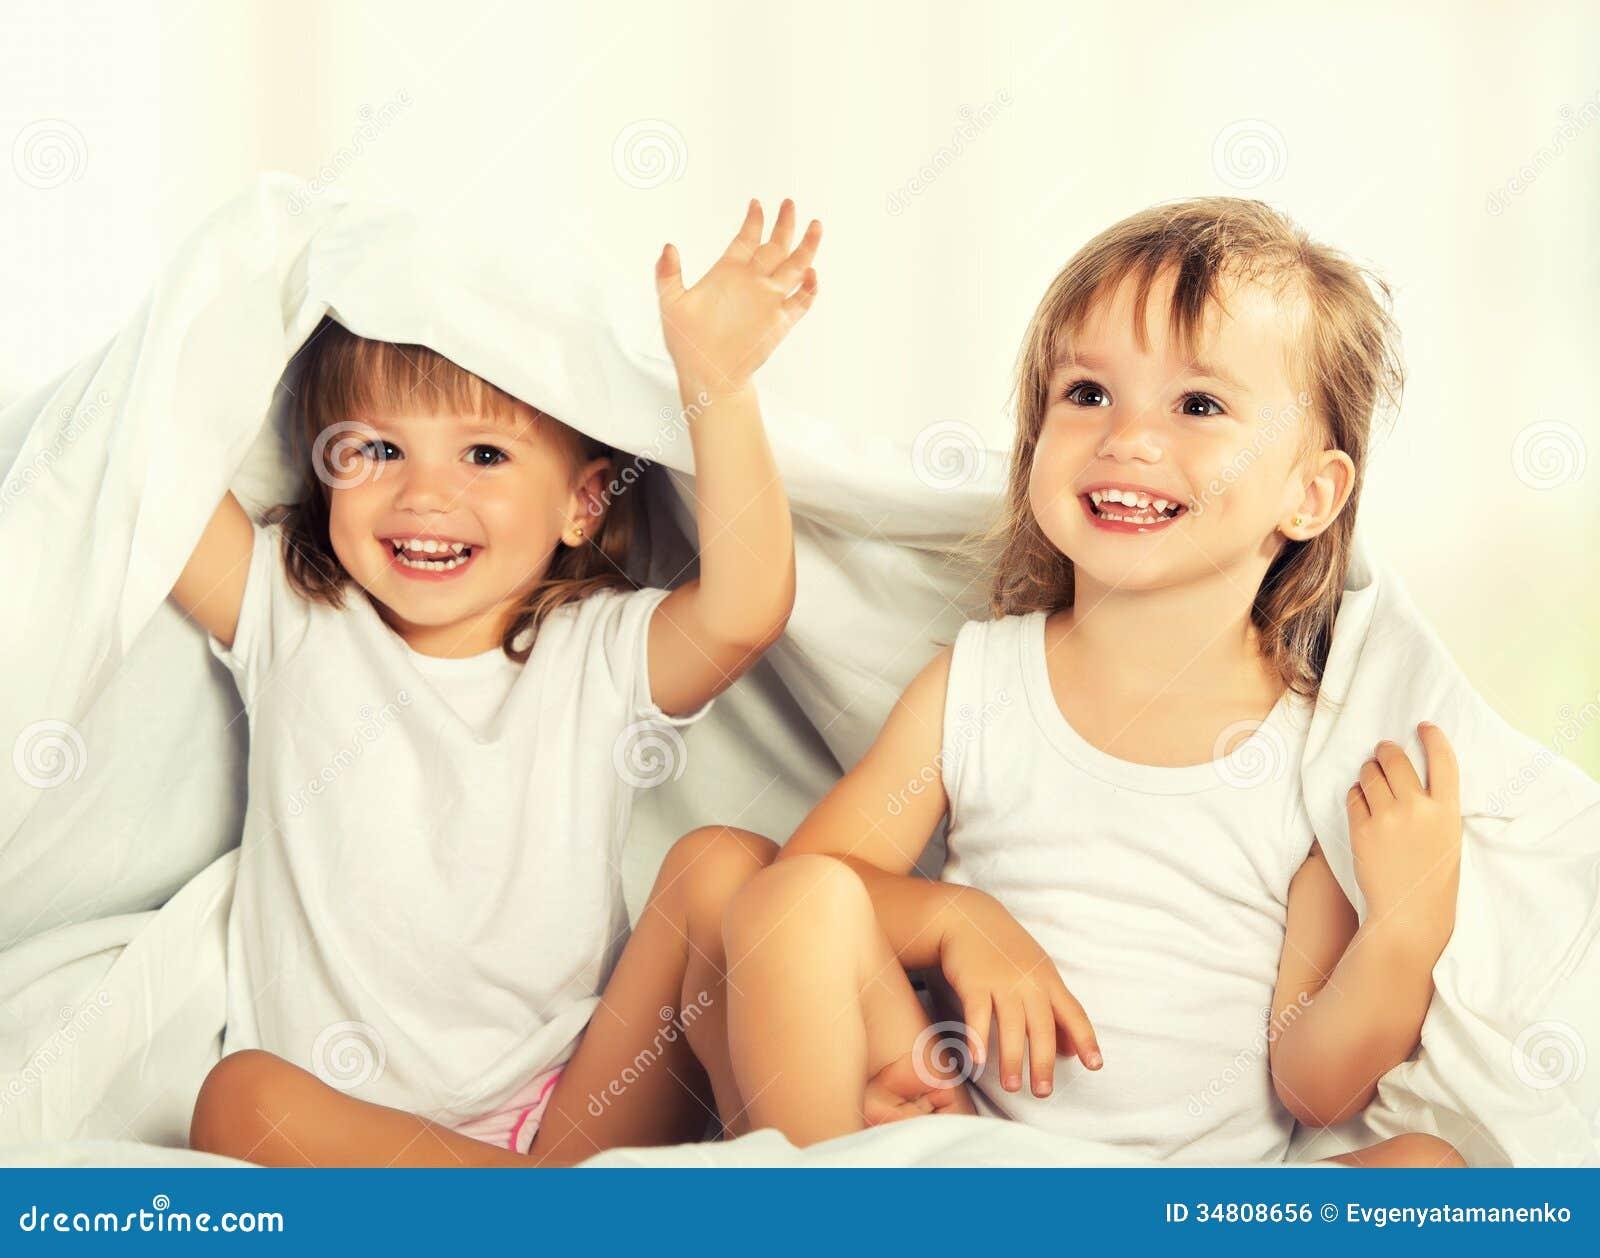 Фото голых девочек близняшек 21 фотография